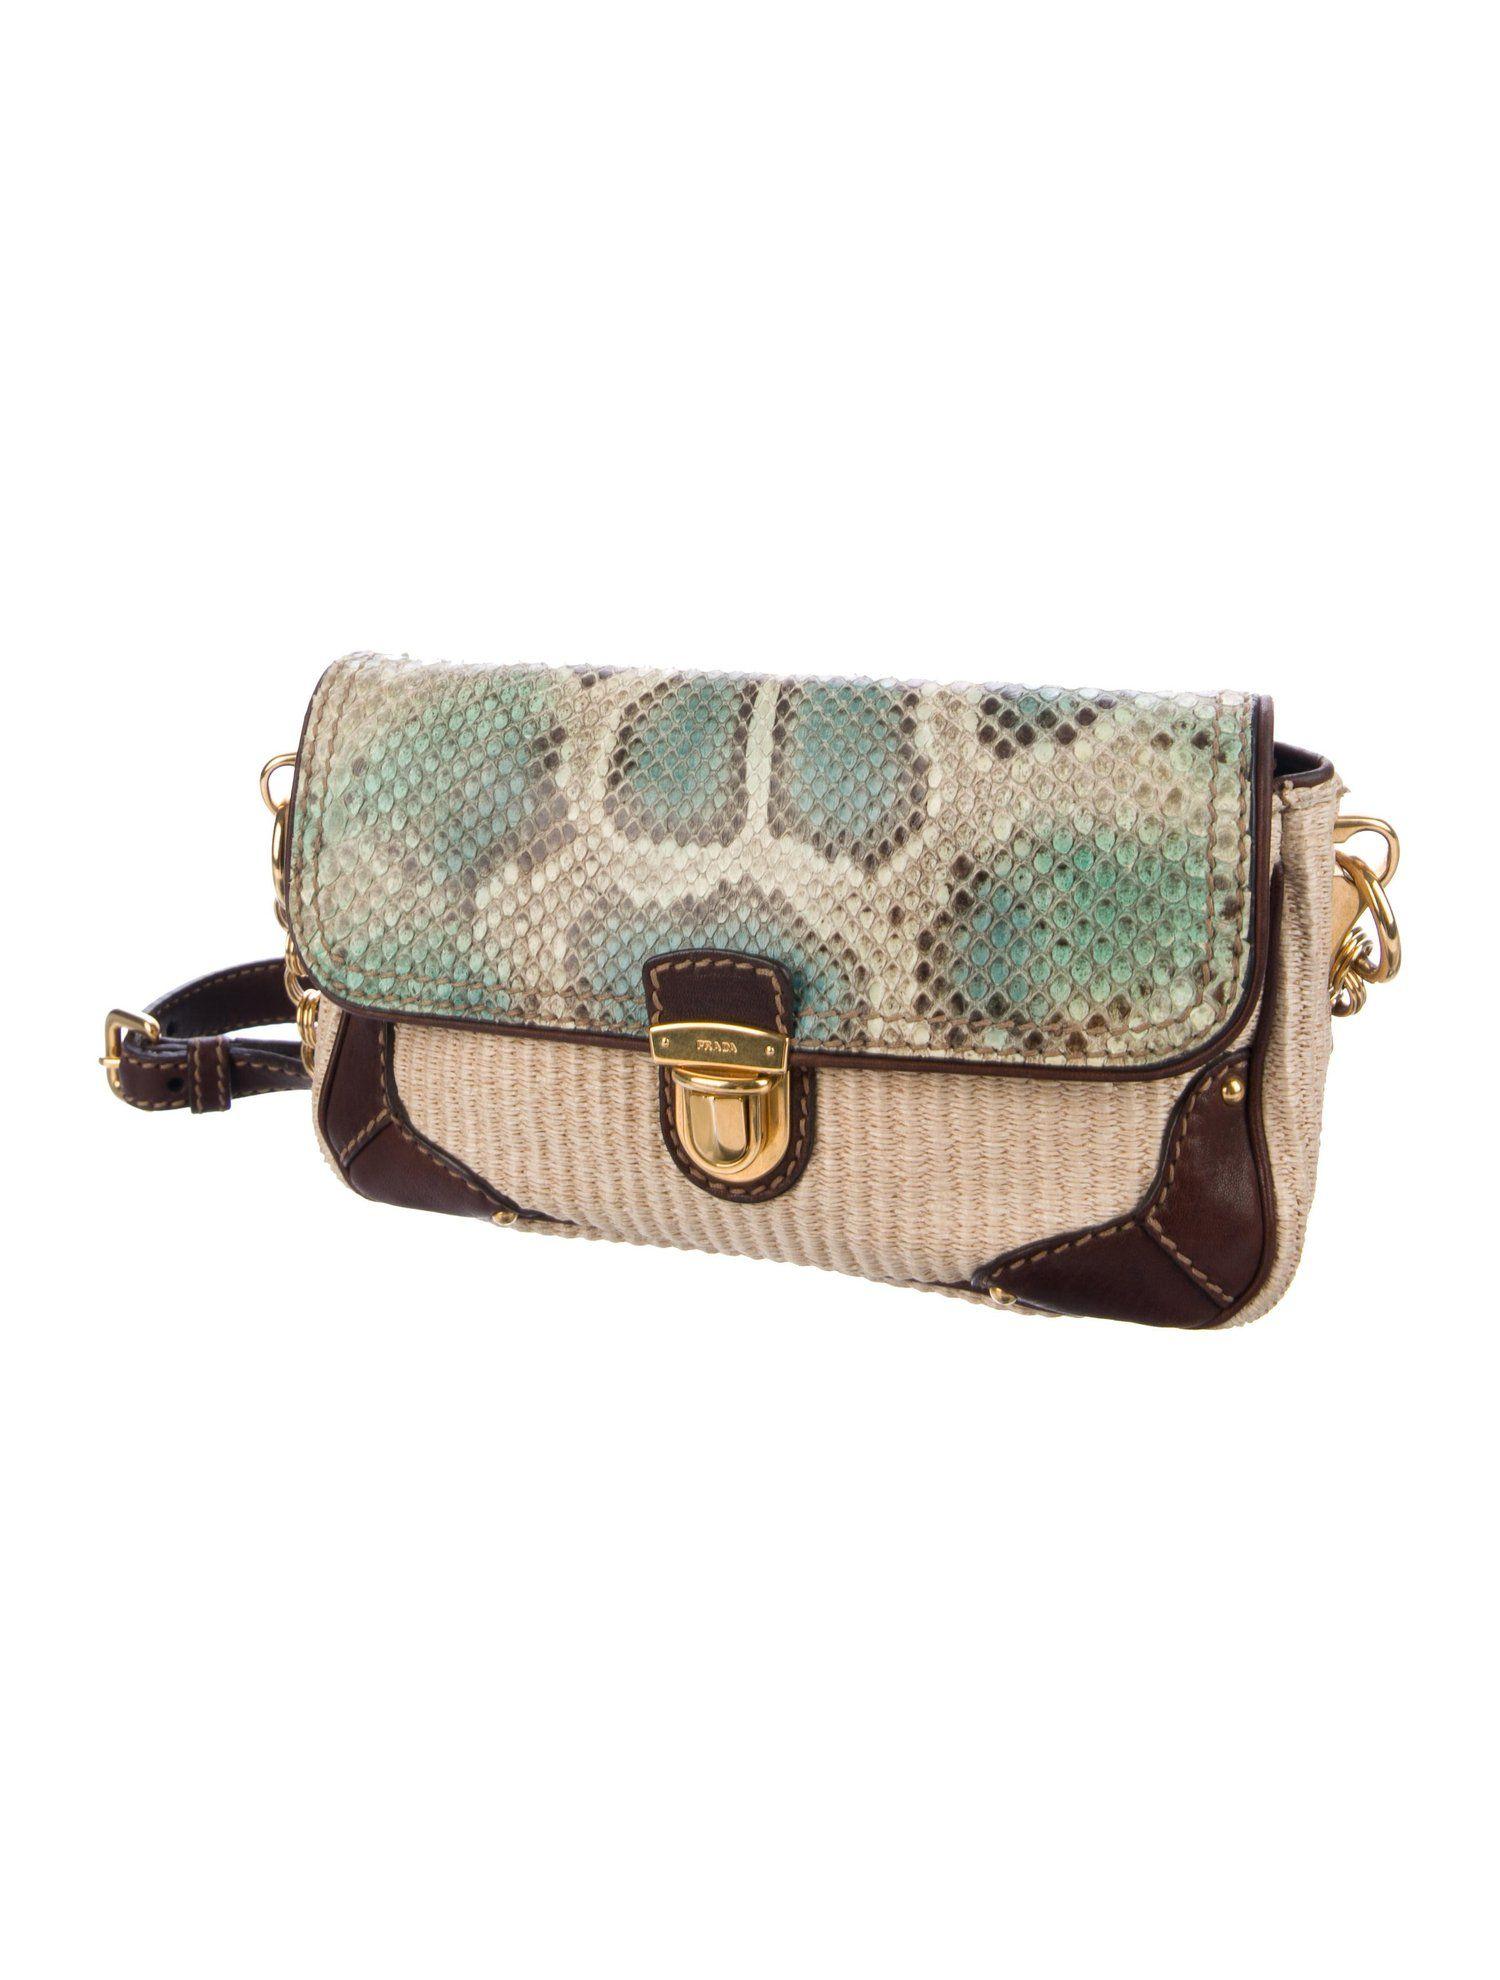 6af82fadedc4 Prada Snakeskin-Trimmed Shoulder Bag #Snakeskin #Prada #Trimmed ...